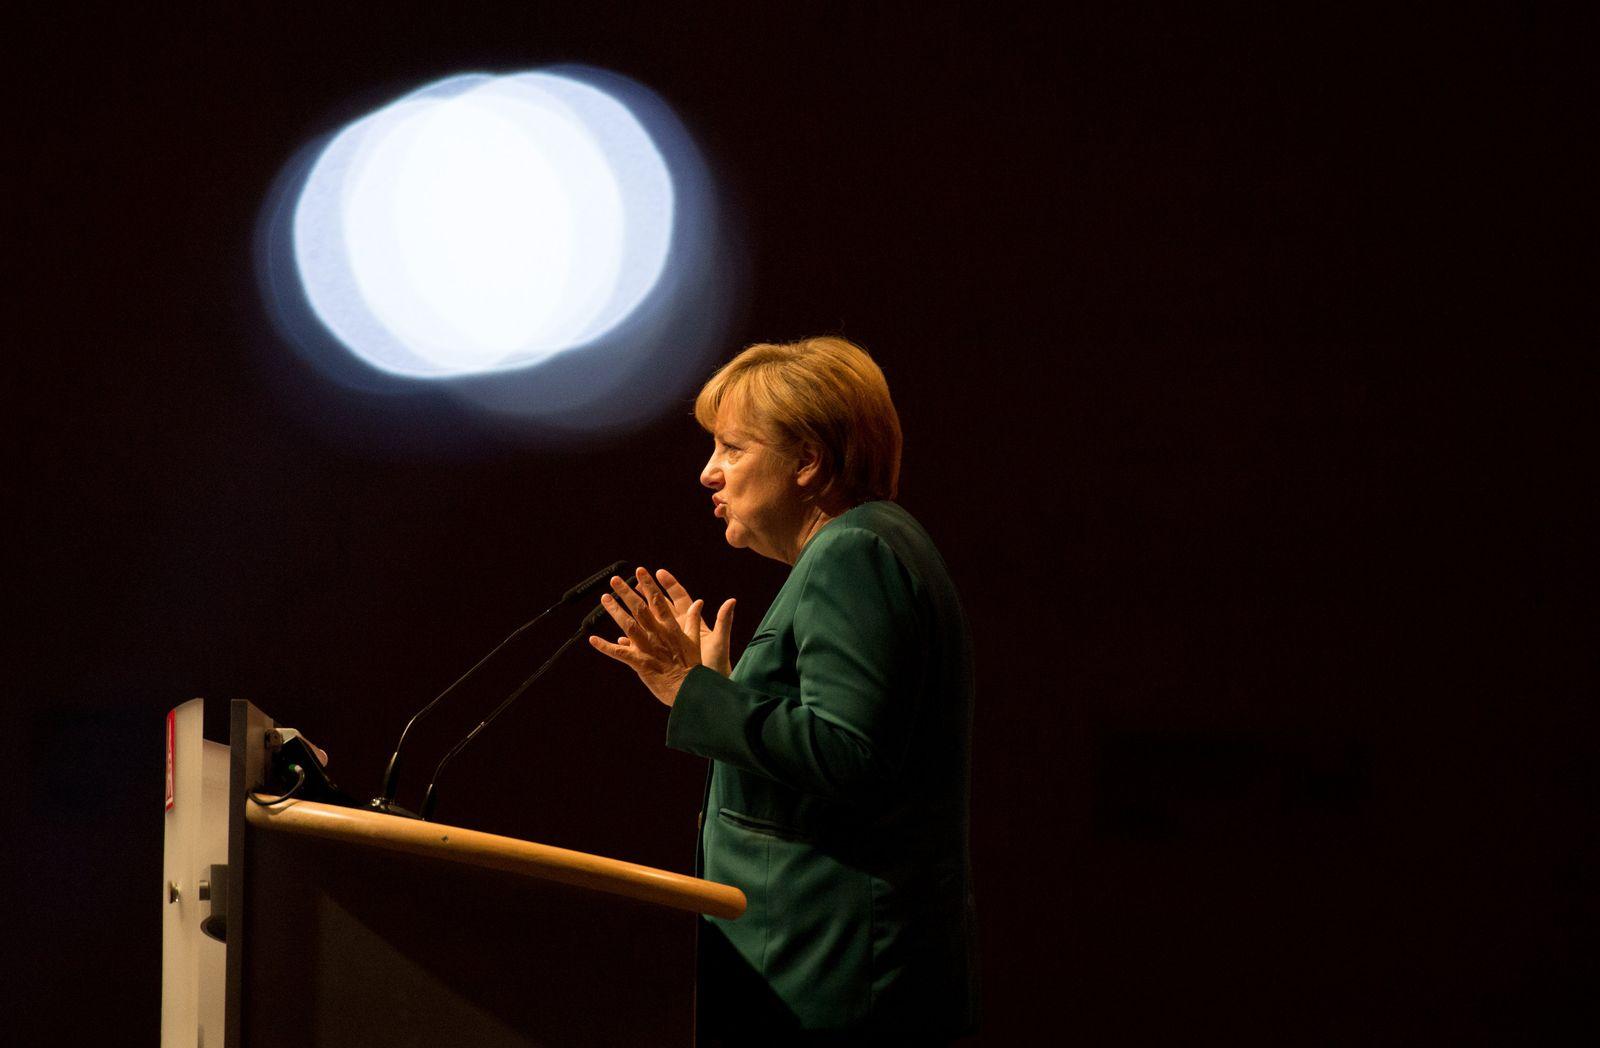 Merkel/ Alternativlos/